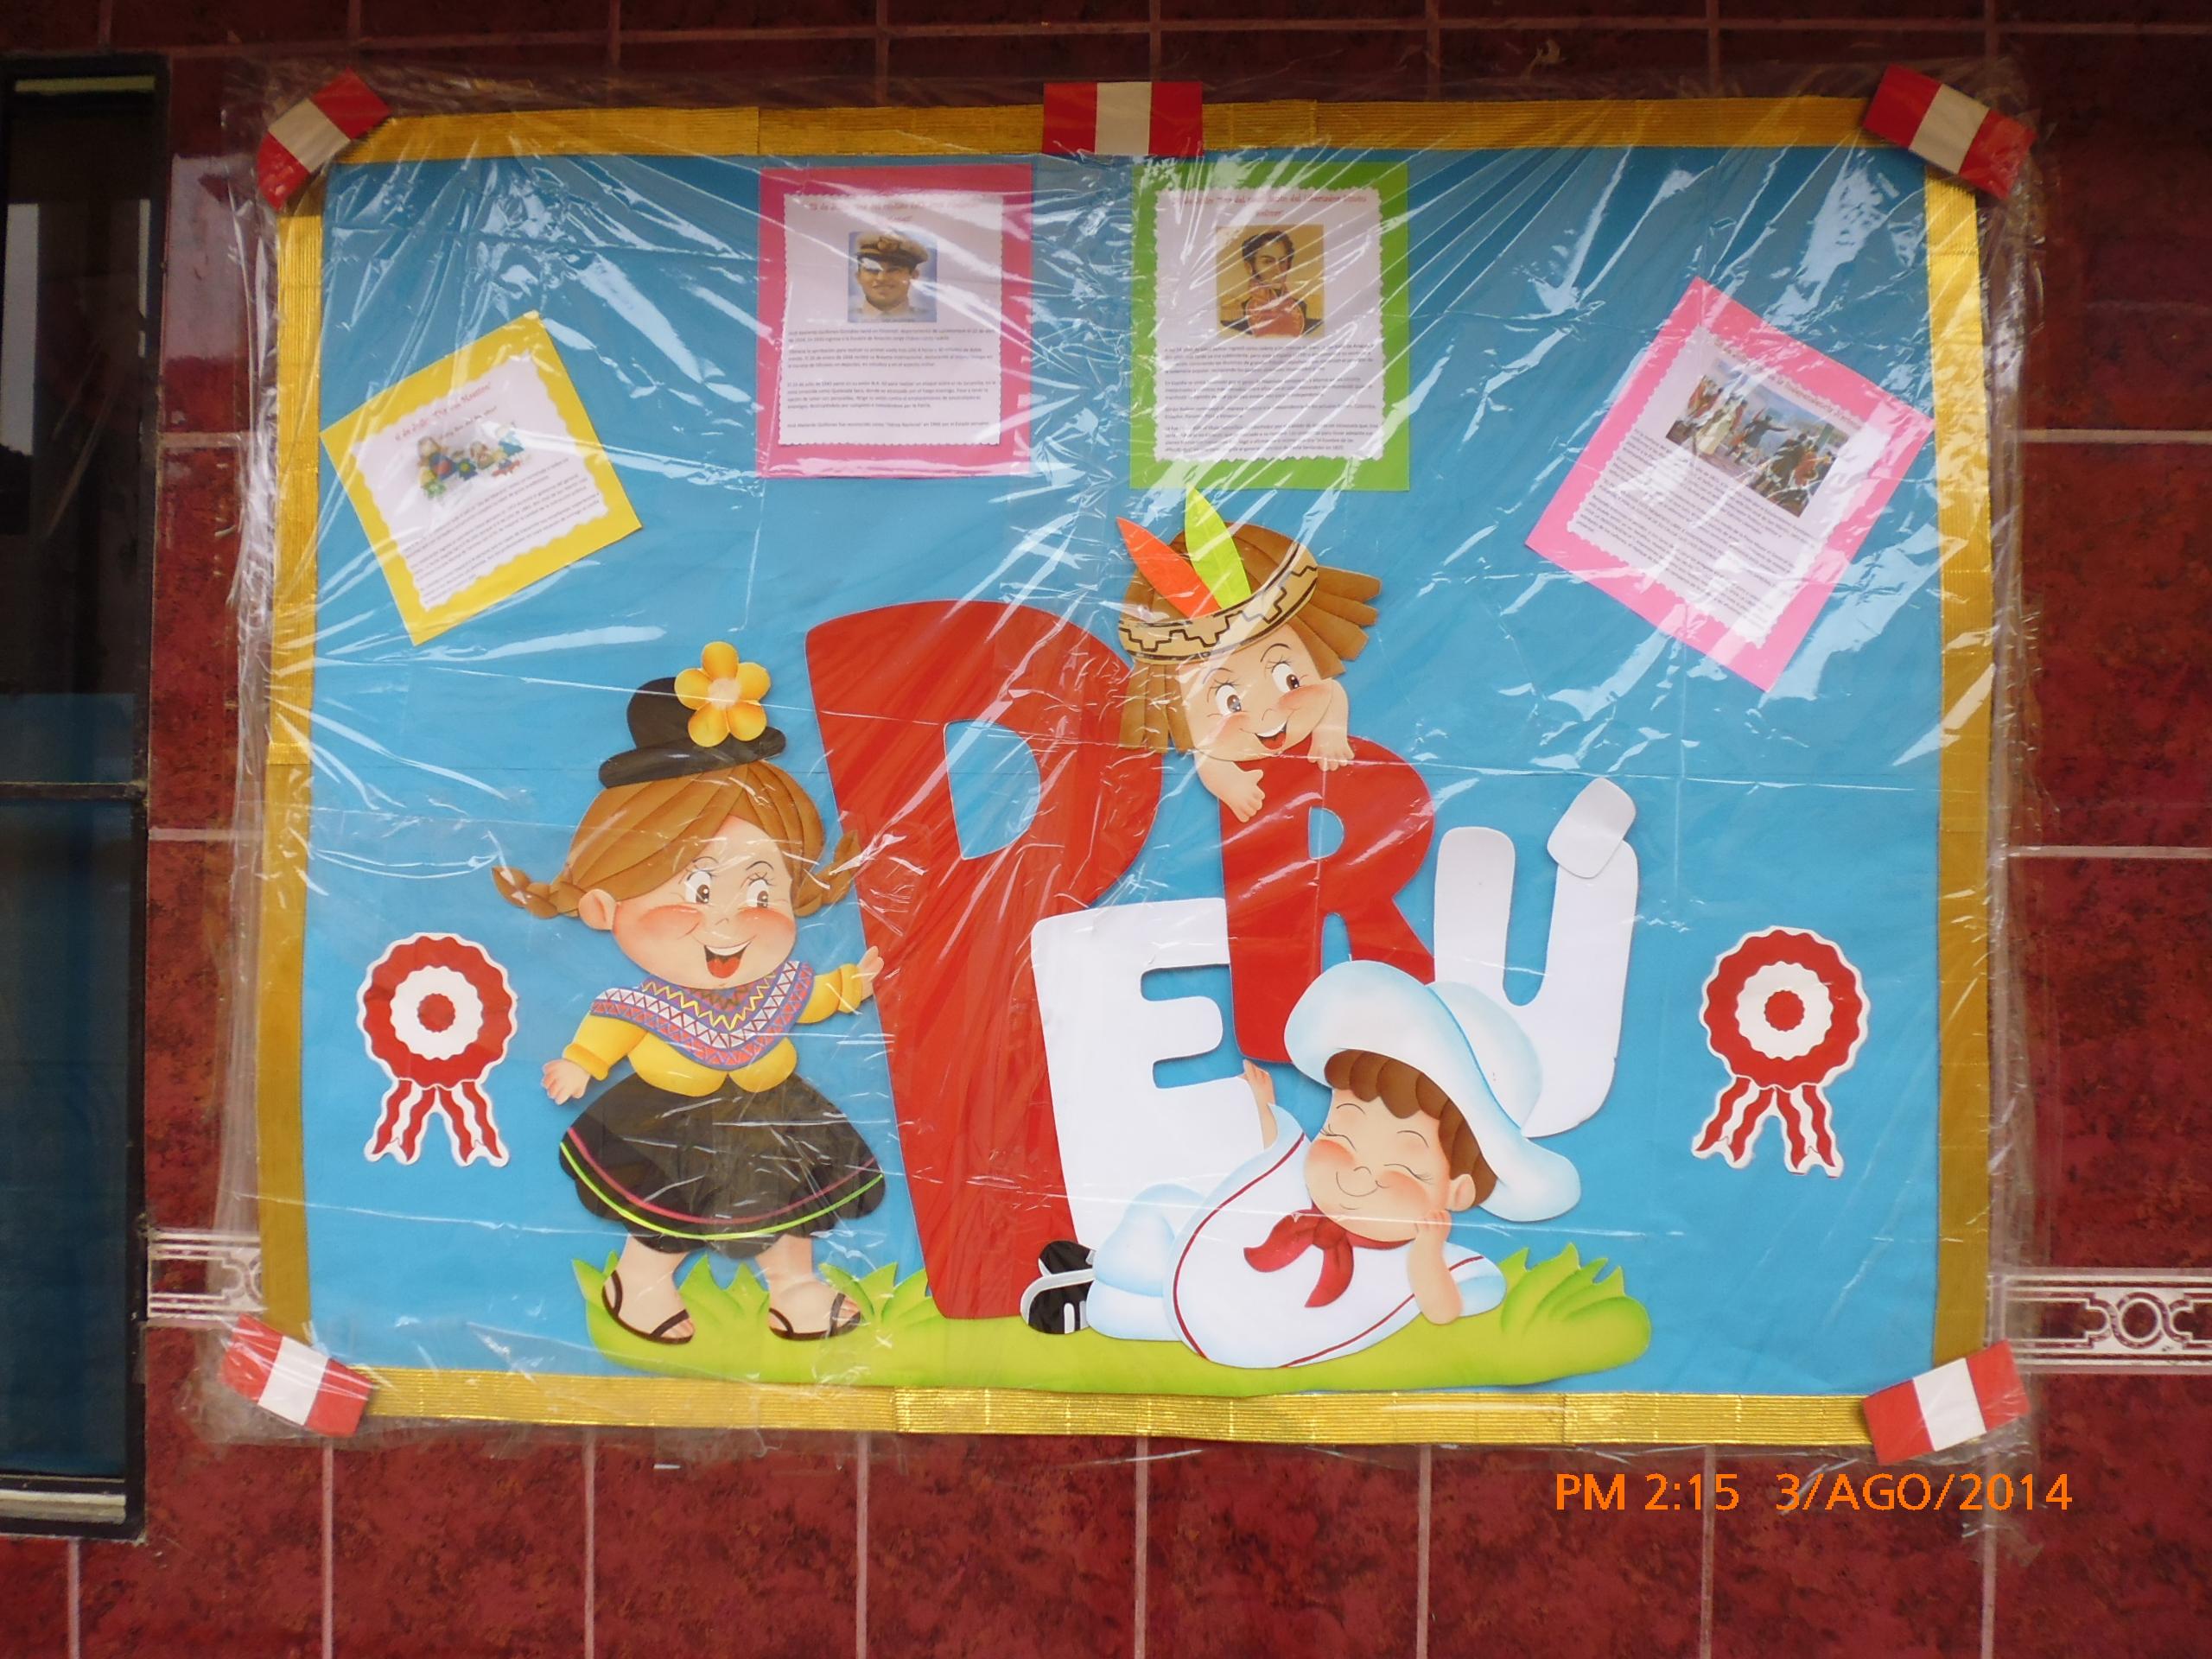 Periodico mural del mes de julio en peru resumido para for Diario mural fiestas patrias chile